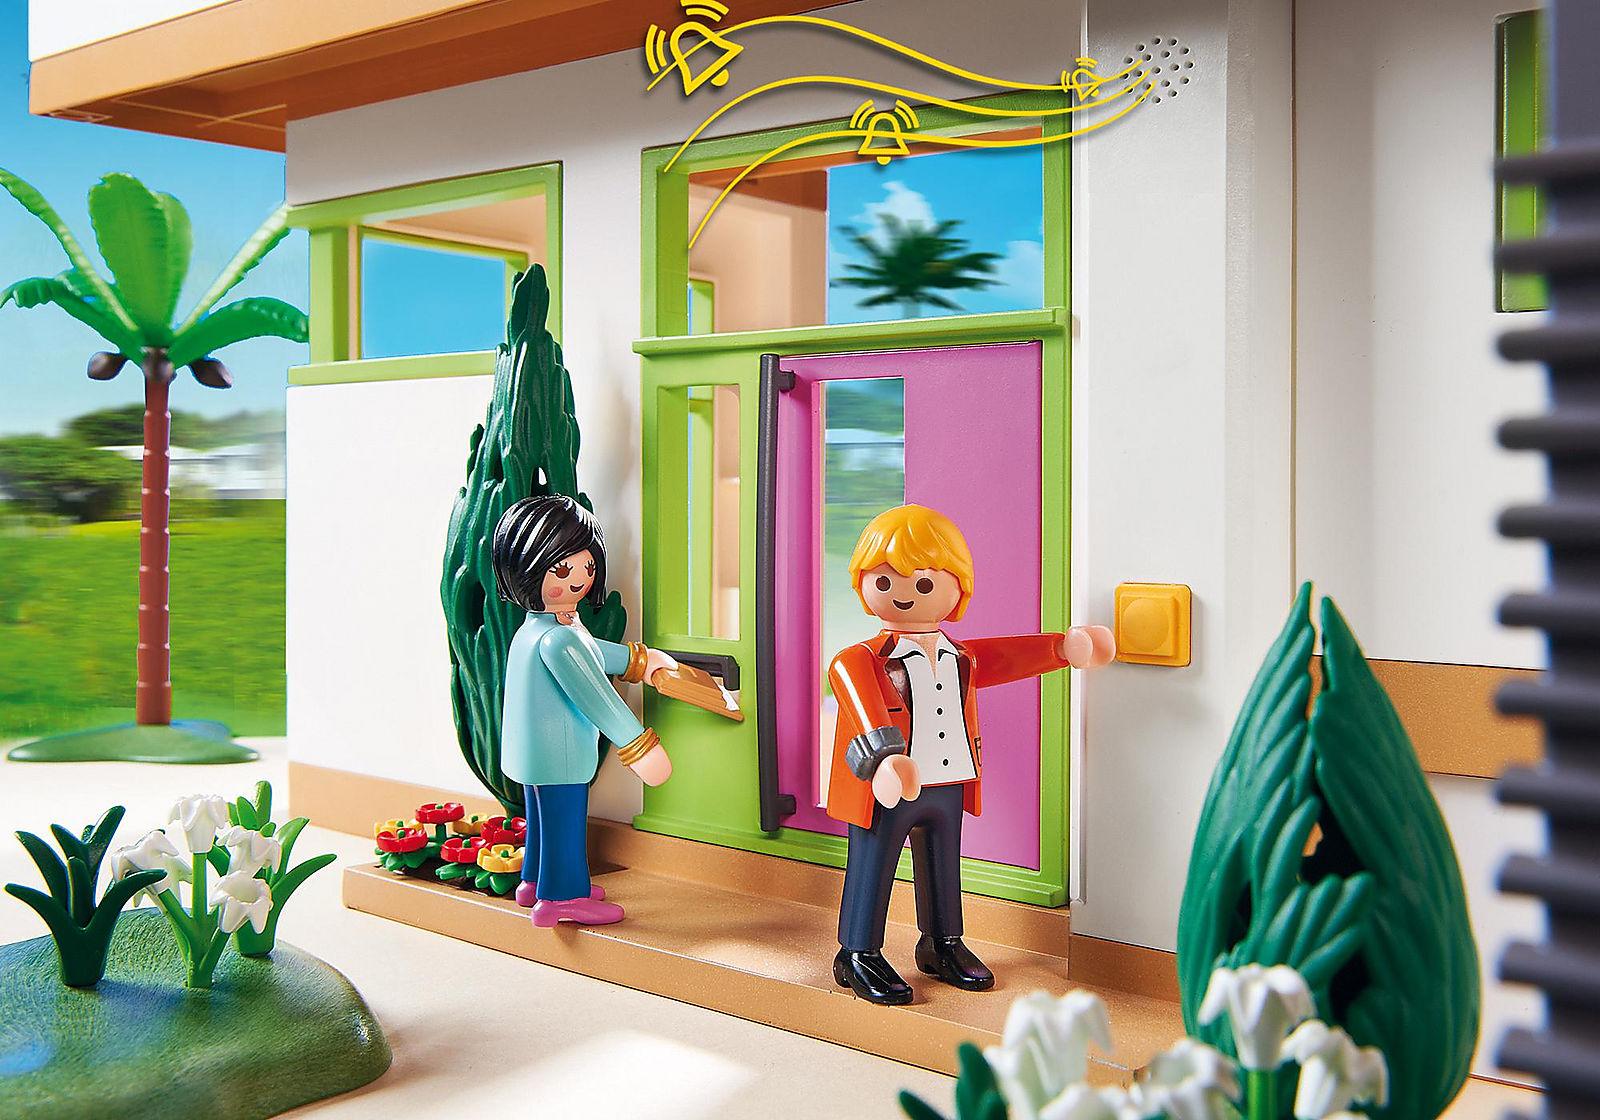 Maison moderne playmobil-les invités arrivent.